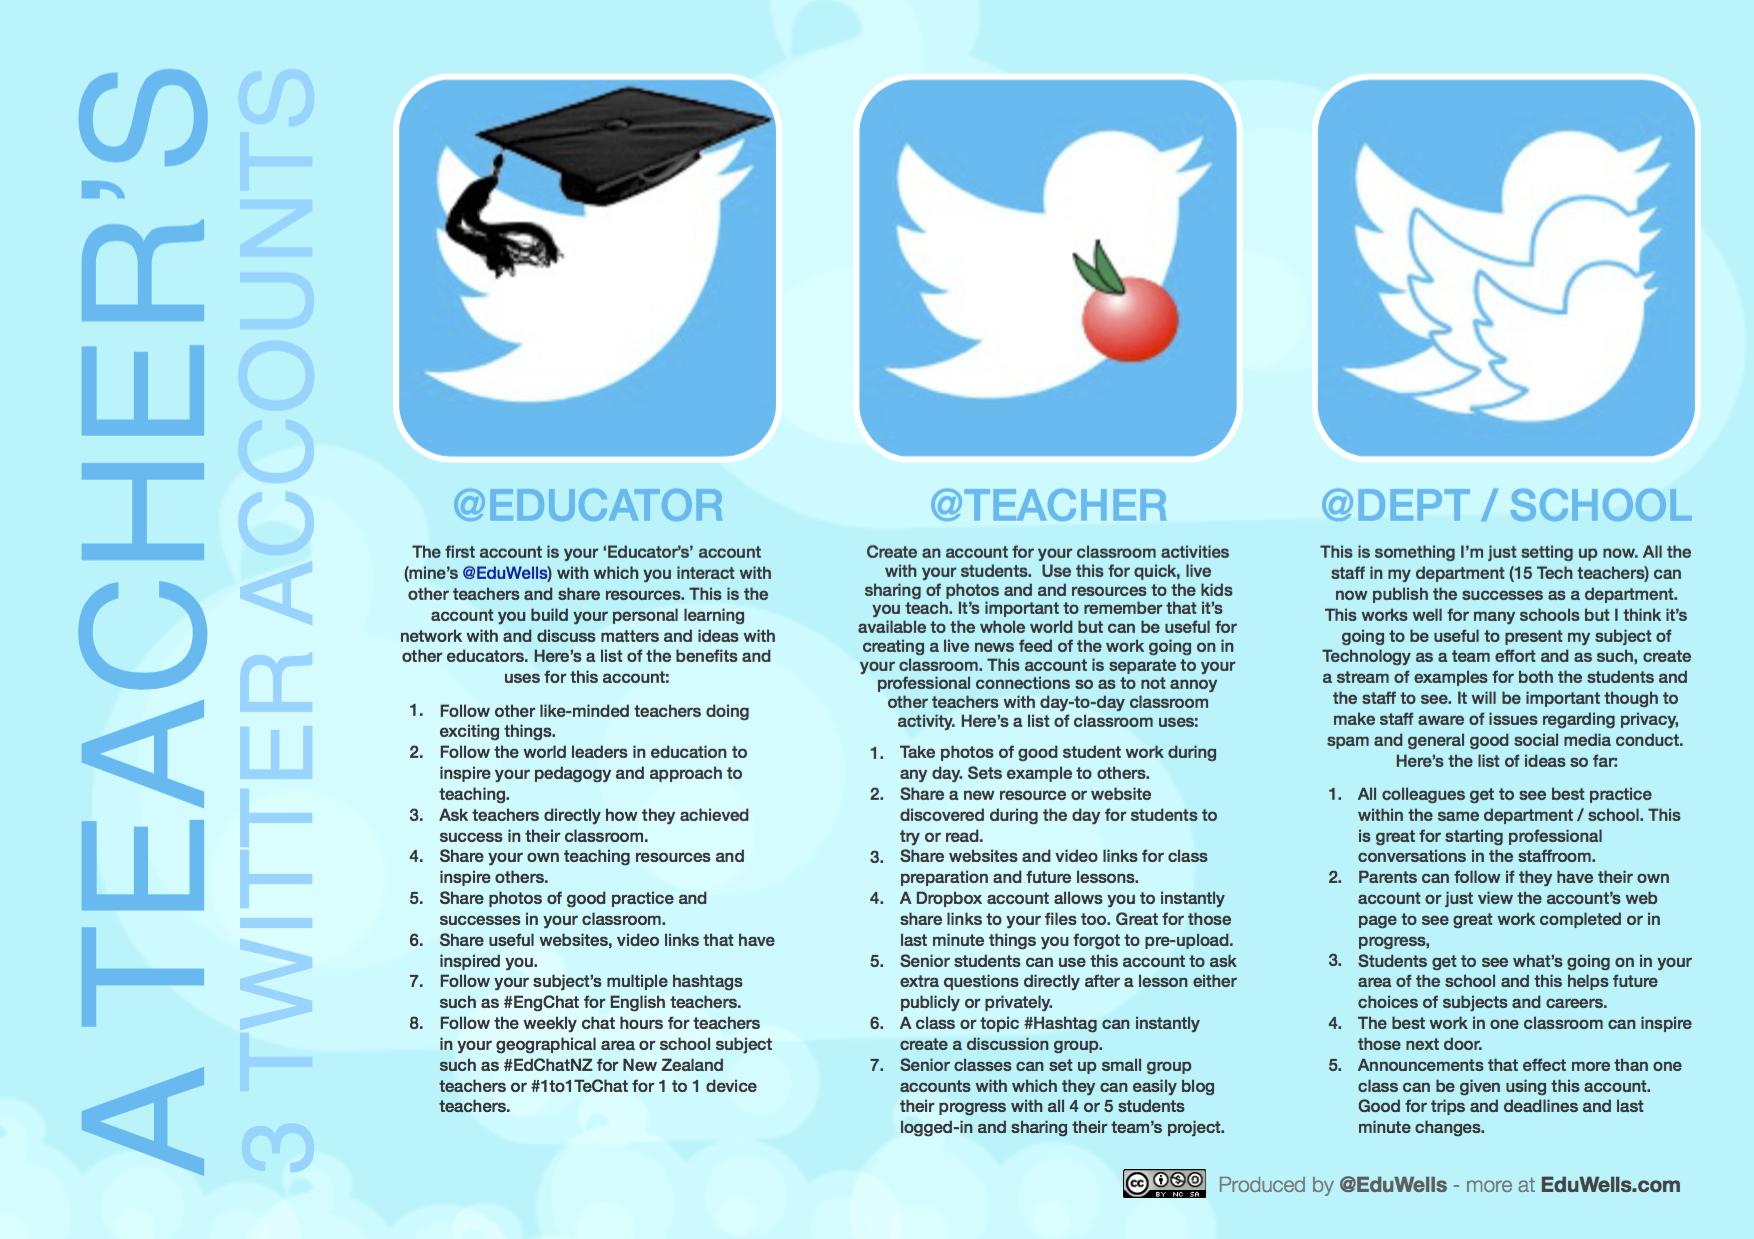 Teacher's 3 Twitter accounts